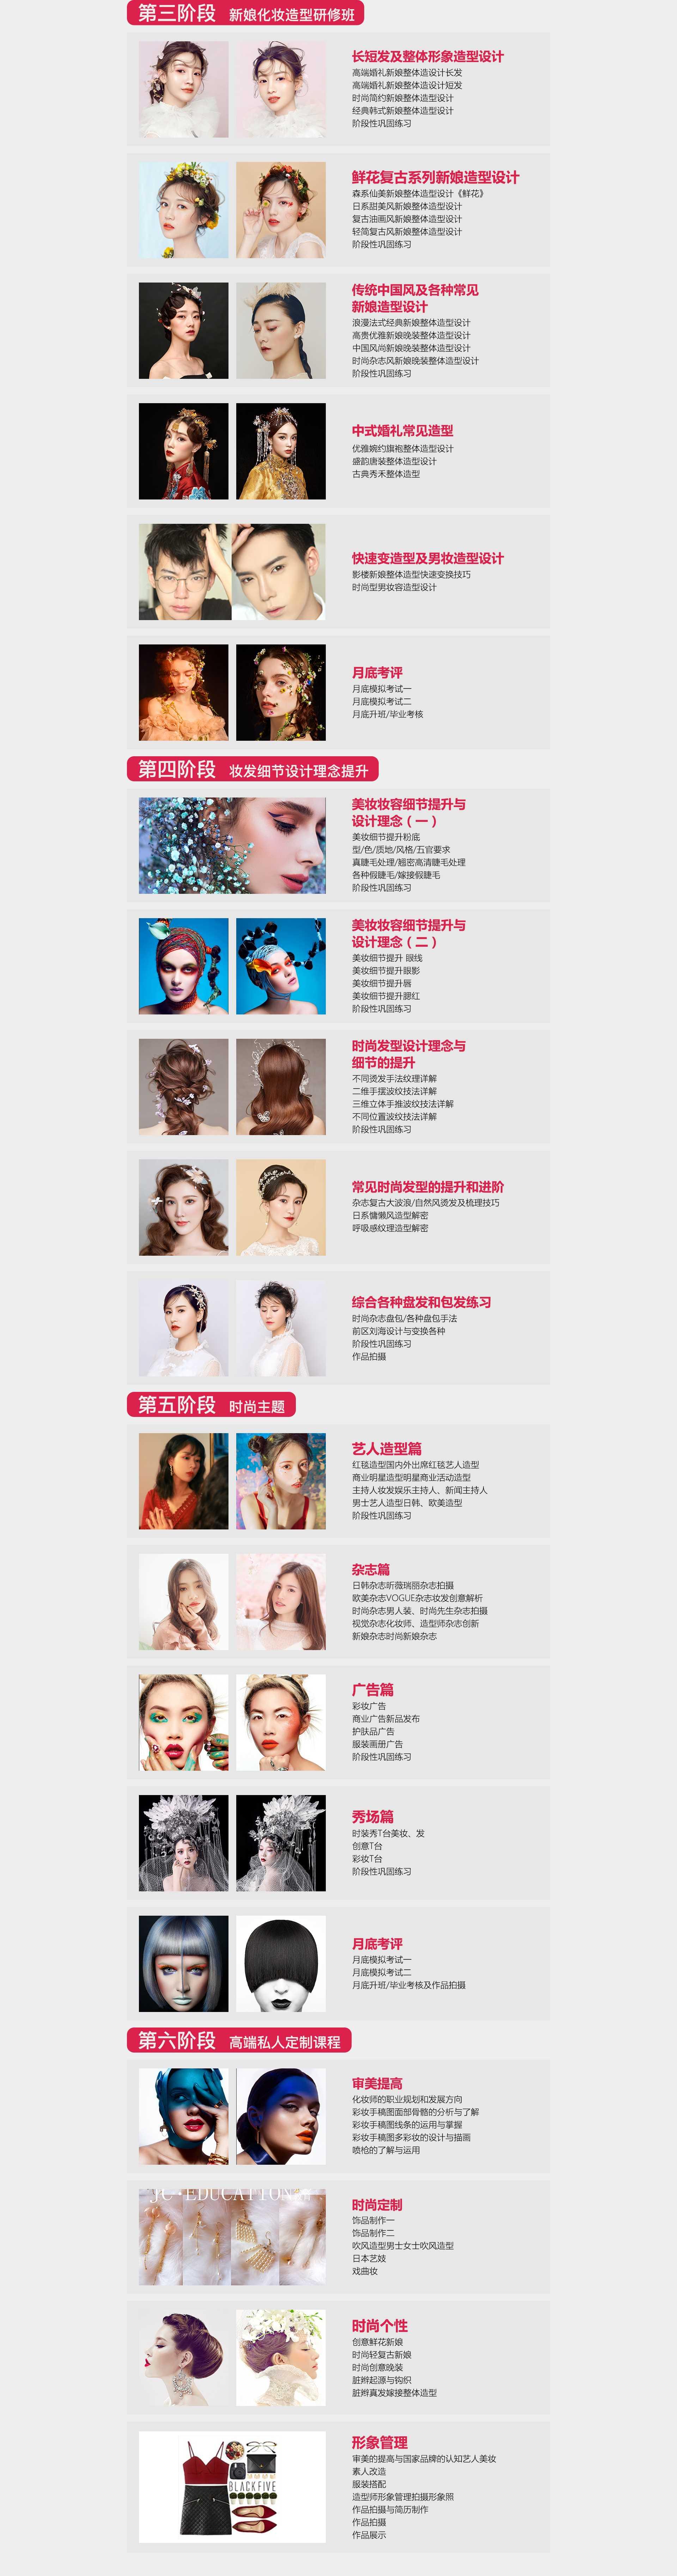 時尚化妝造型設計全能班詳情頁_03